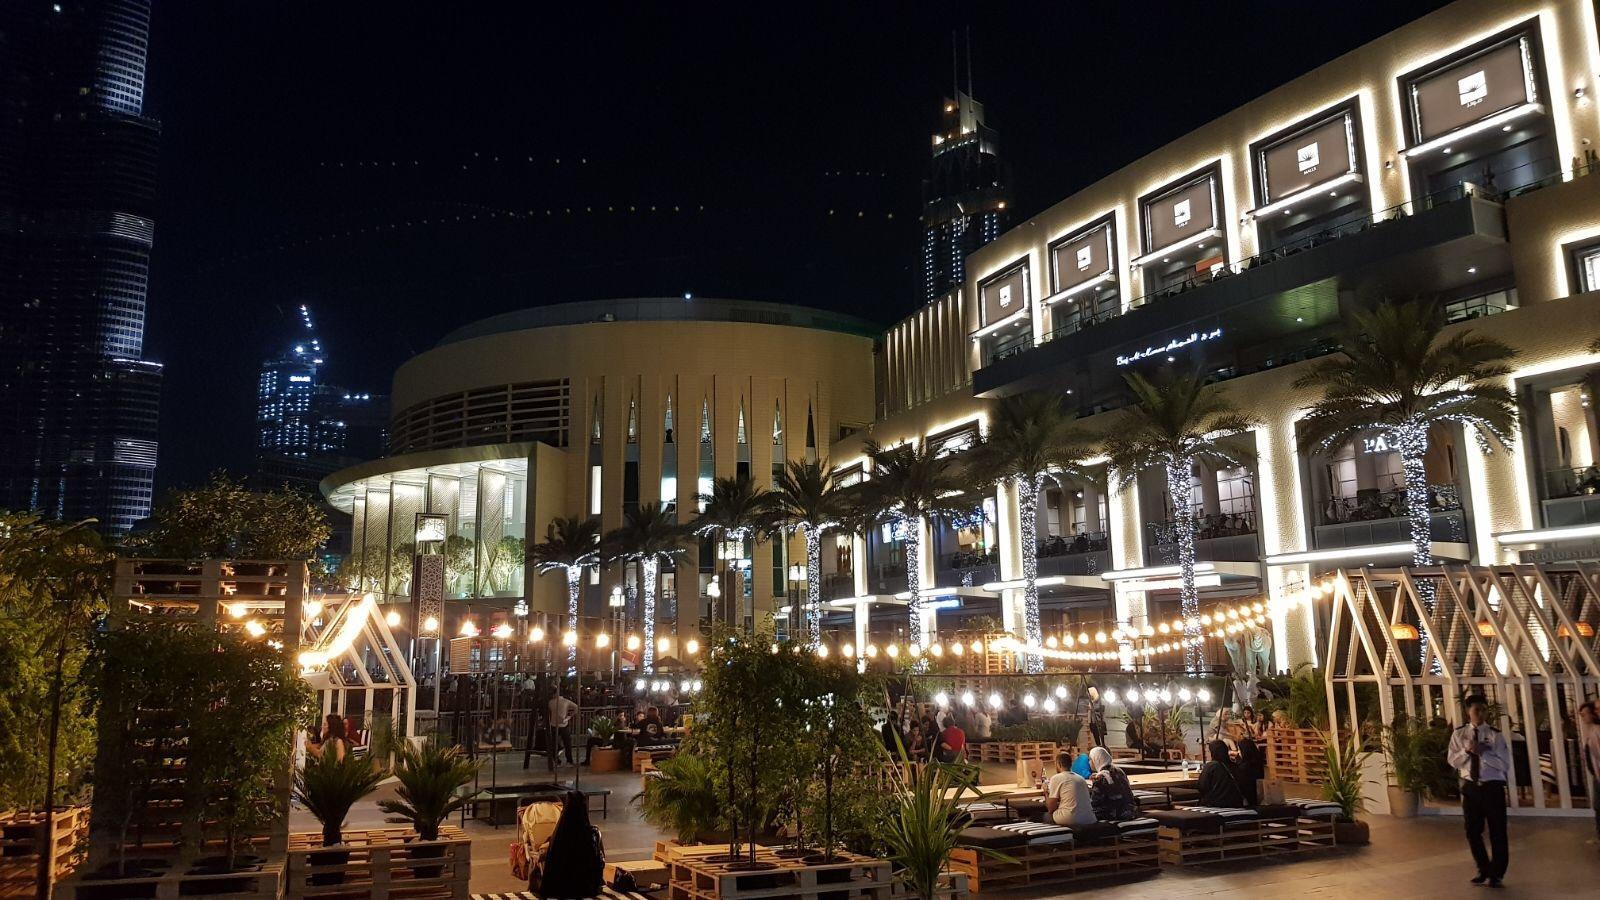 Außenbereich der Dubai Mall - wunderschön beleuchtet und mit zahlreichen Möglichkeiten, sich auszuruhen